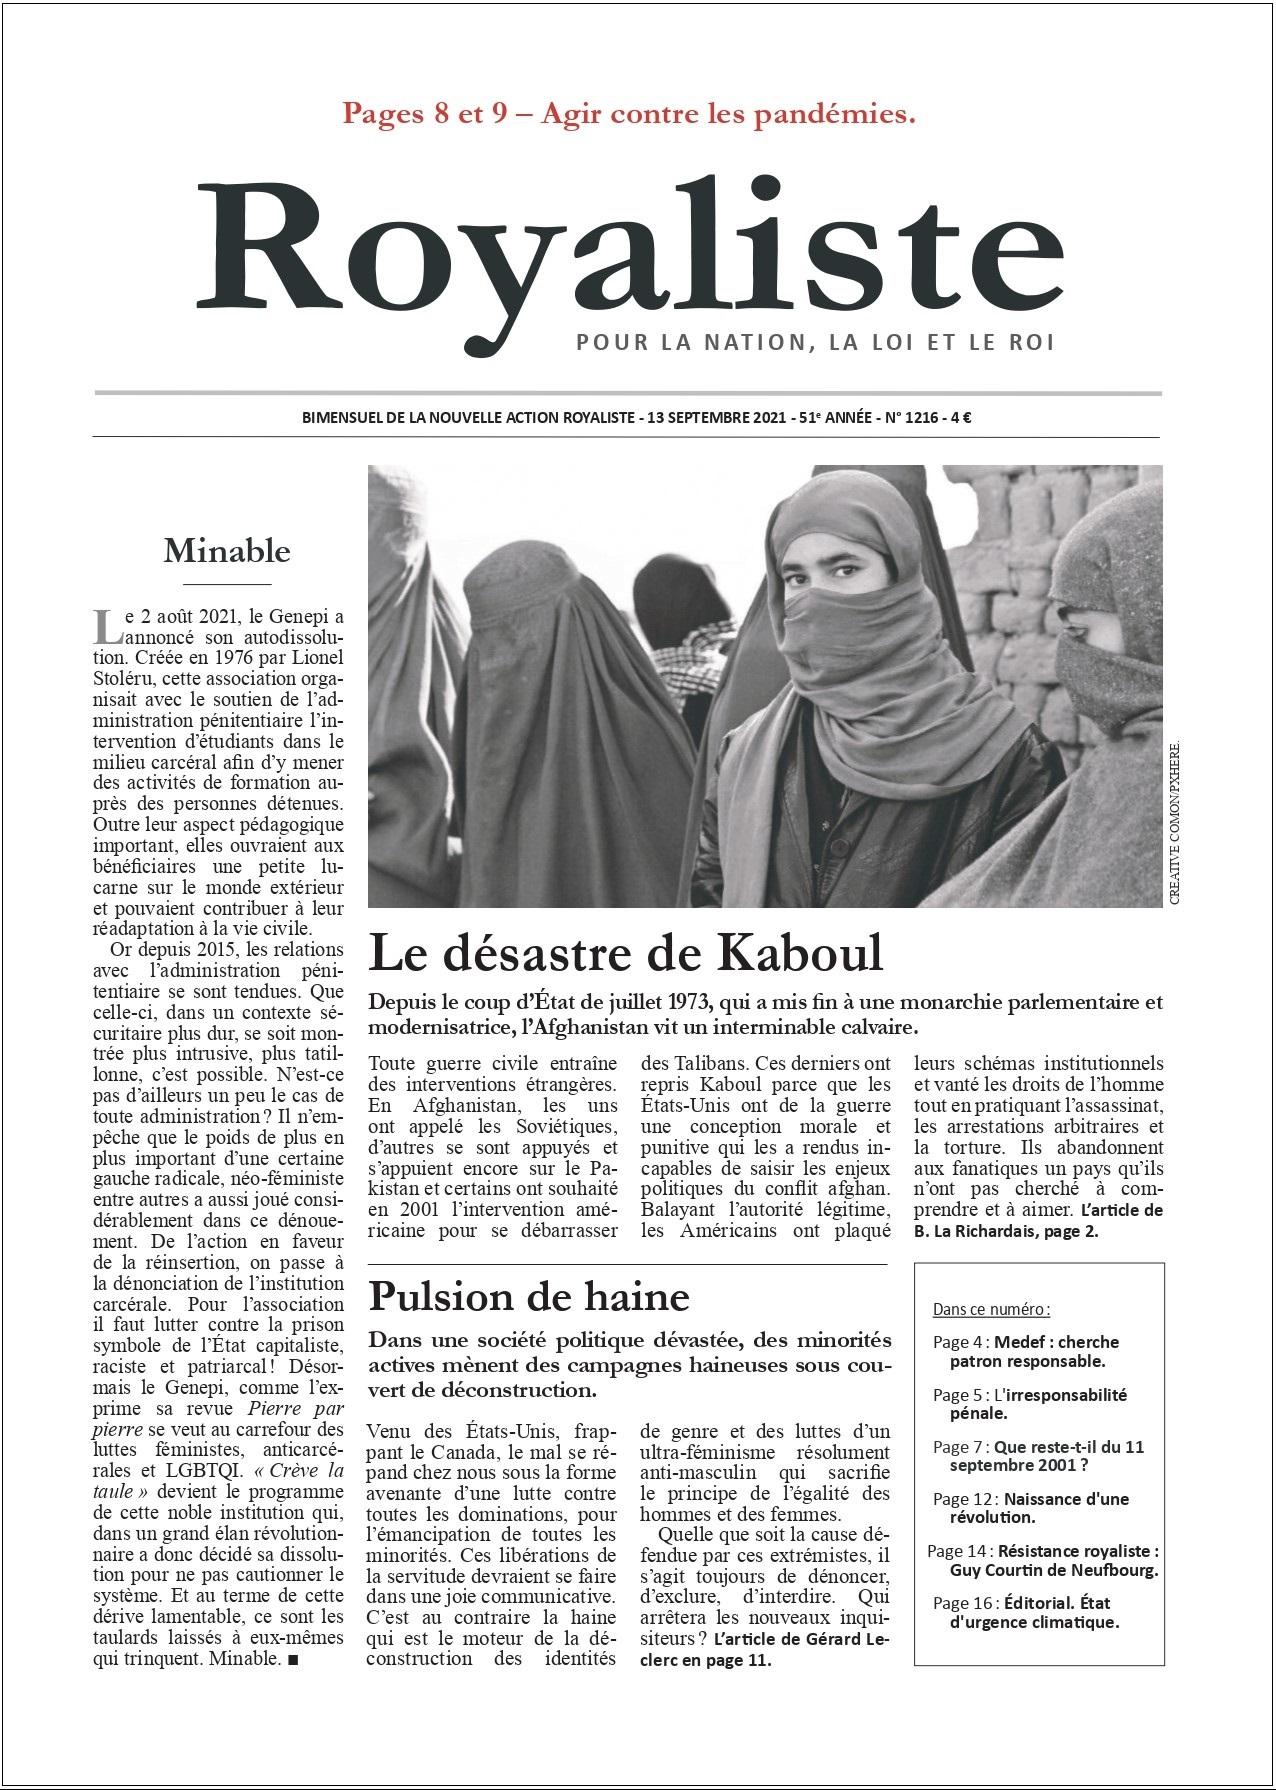 Le désastre de Kaboul | La Nouvelle Action Royaliste